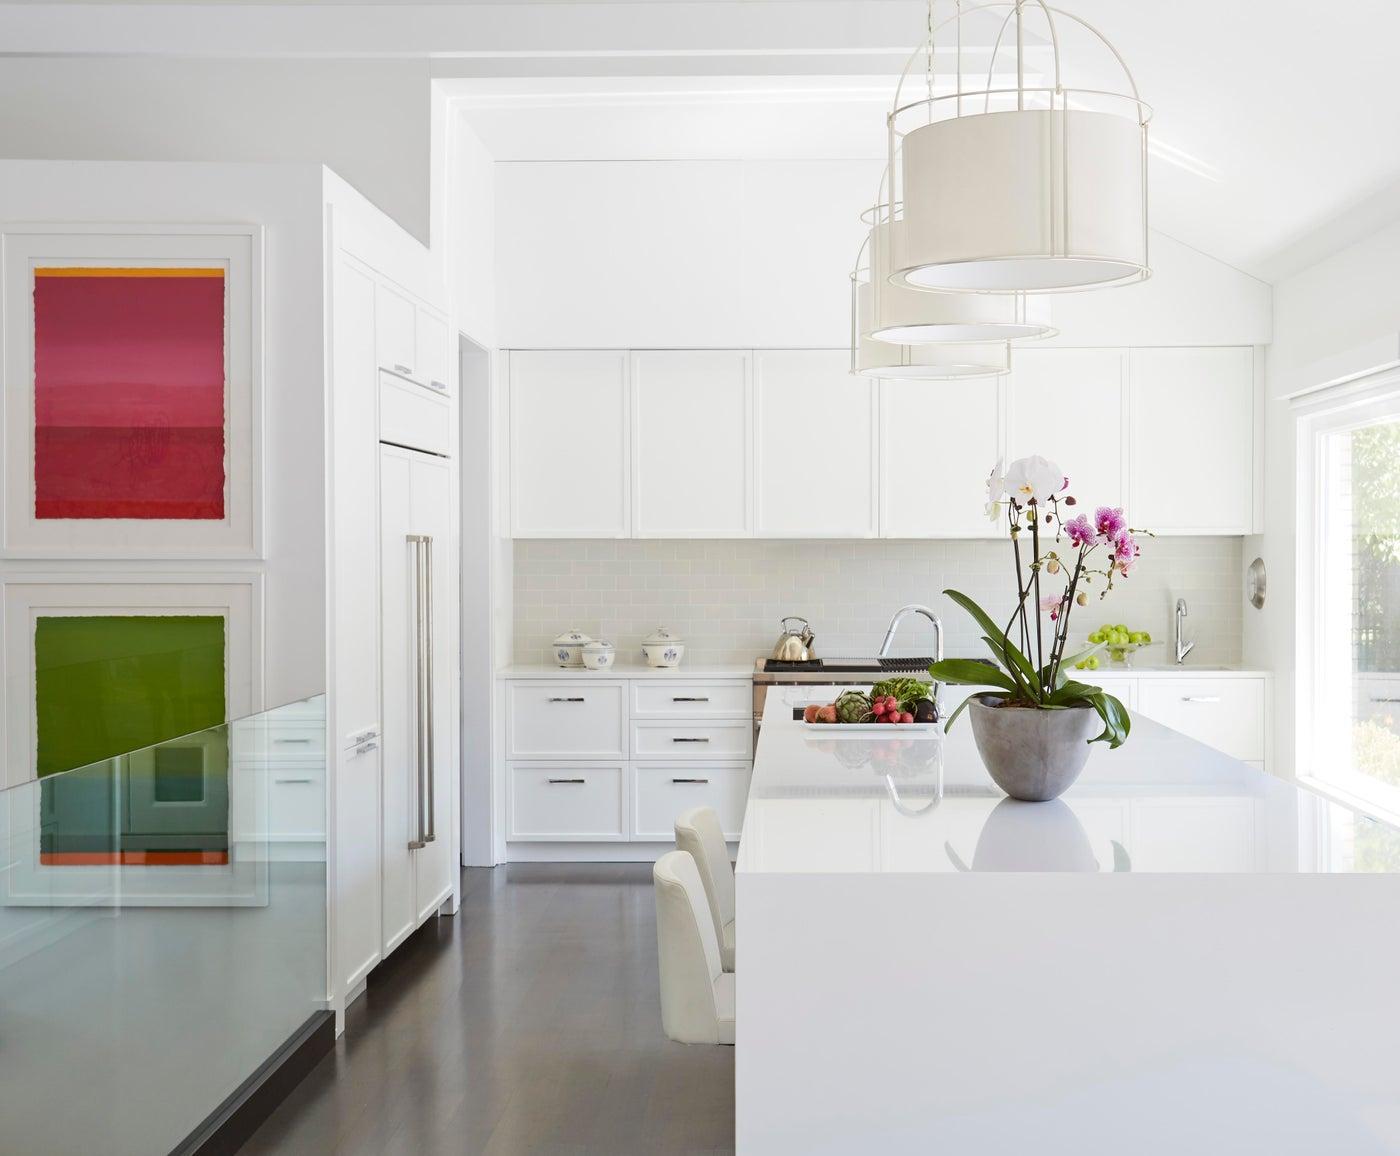 White Modern Kitchen Gut Rehab in Wilmette, IL